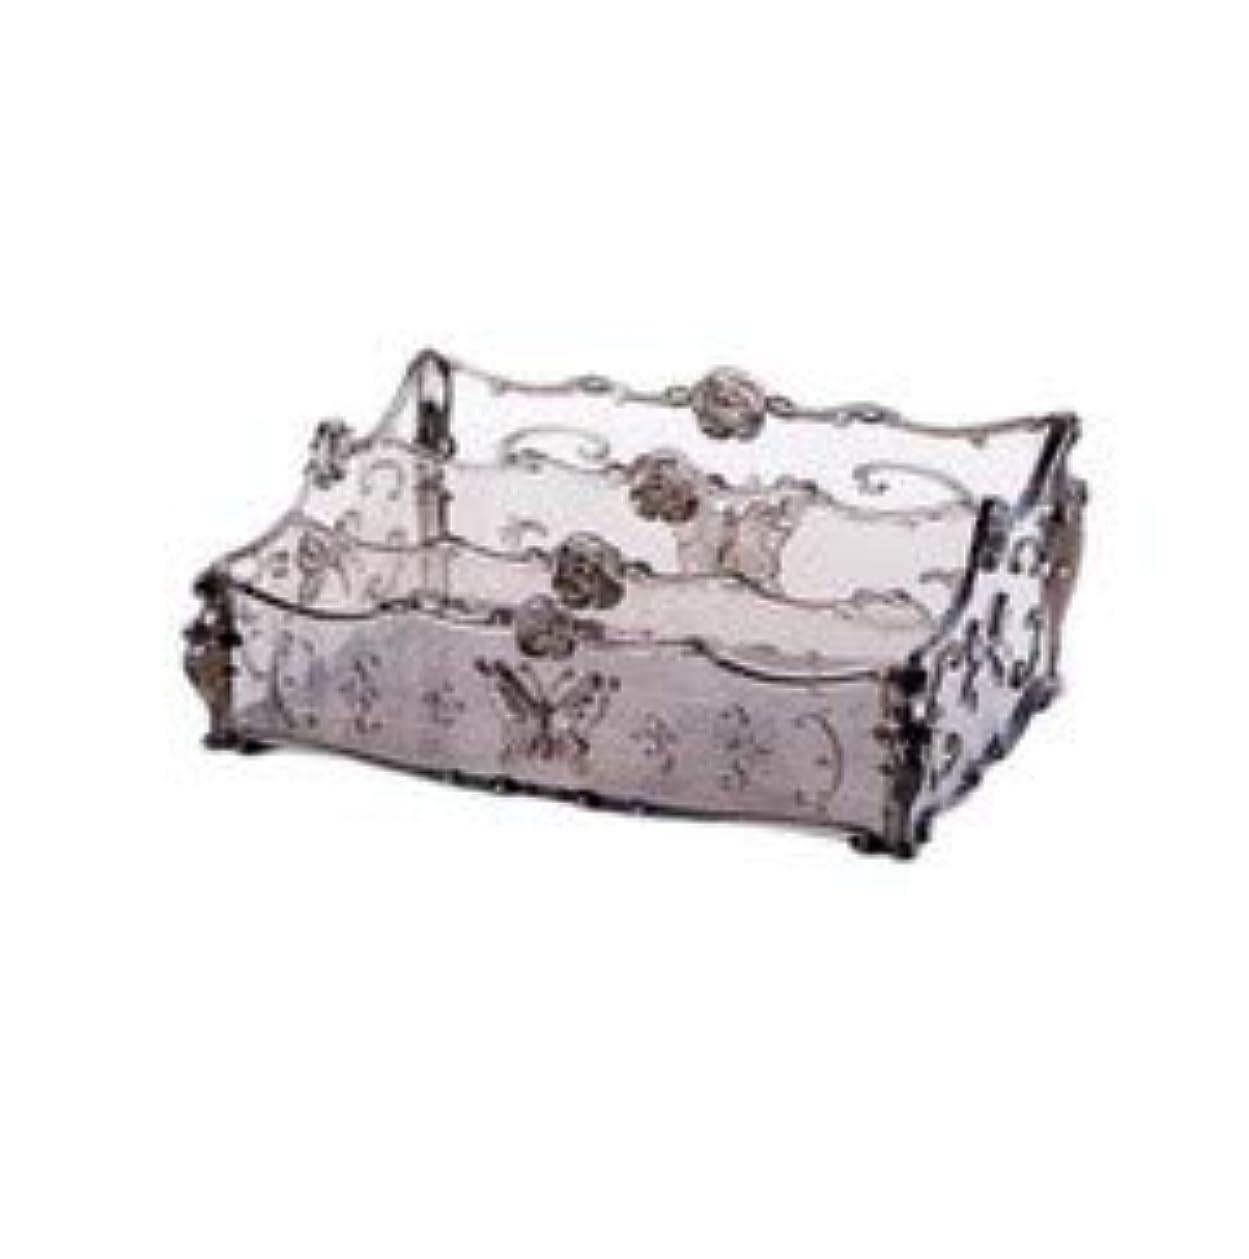 虚栄心ブラウズ名前を作るフラワー彫刻デスクトップ化粧品収納ボックス化粧台透明ラック家庭用プラスチックマルチカラースキンケア製品仕上げボックス (Color : Transparent gray)